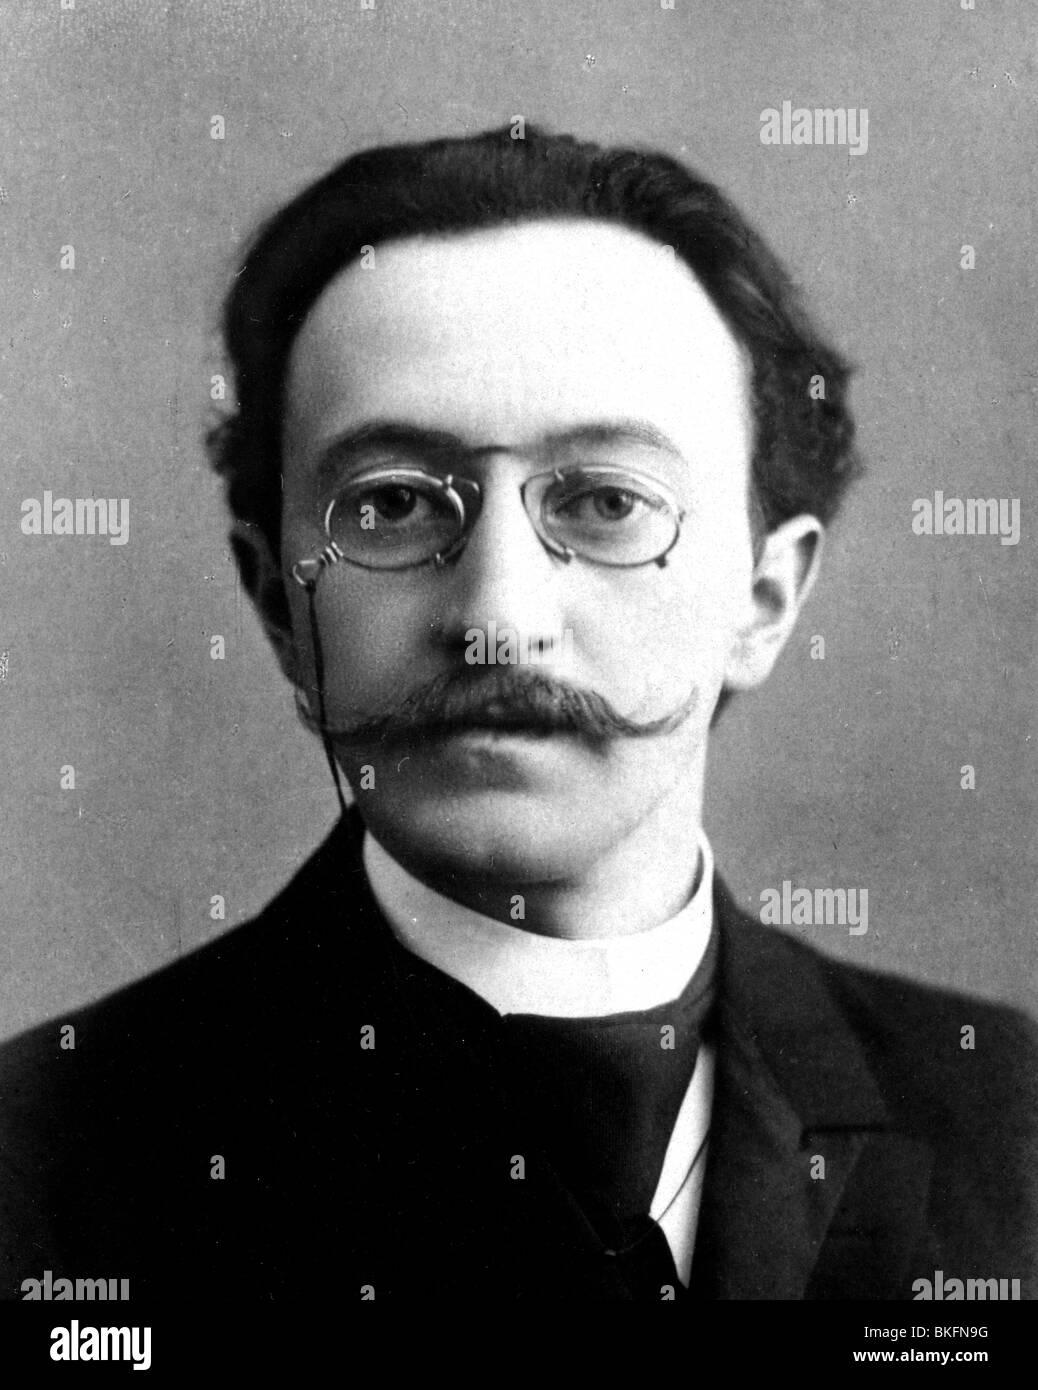 LUDWIG FULDA  - German writer (1862-1939) - Stock Image